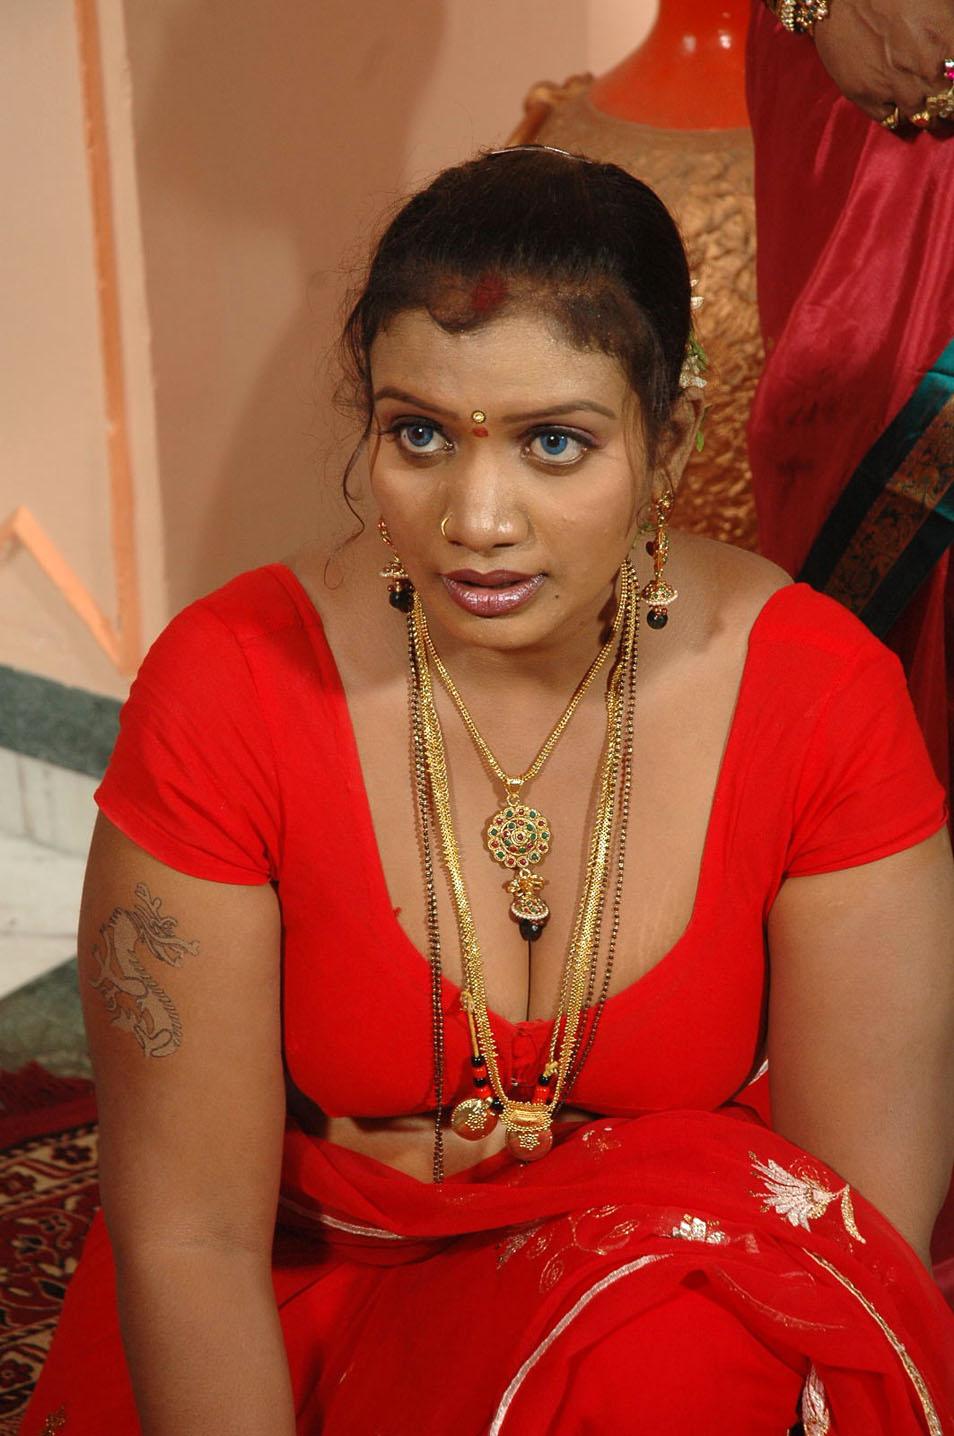 photos hidjab nudes xxx sex